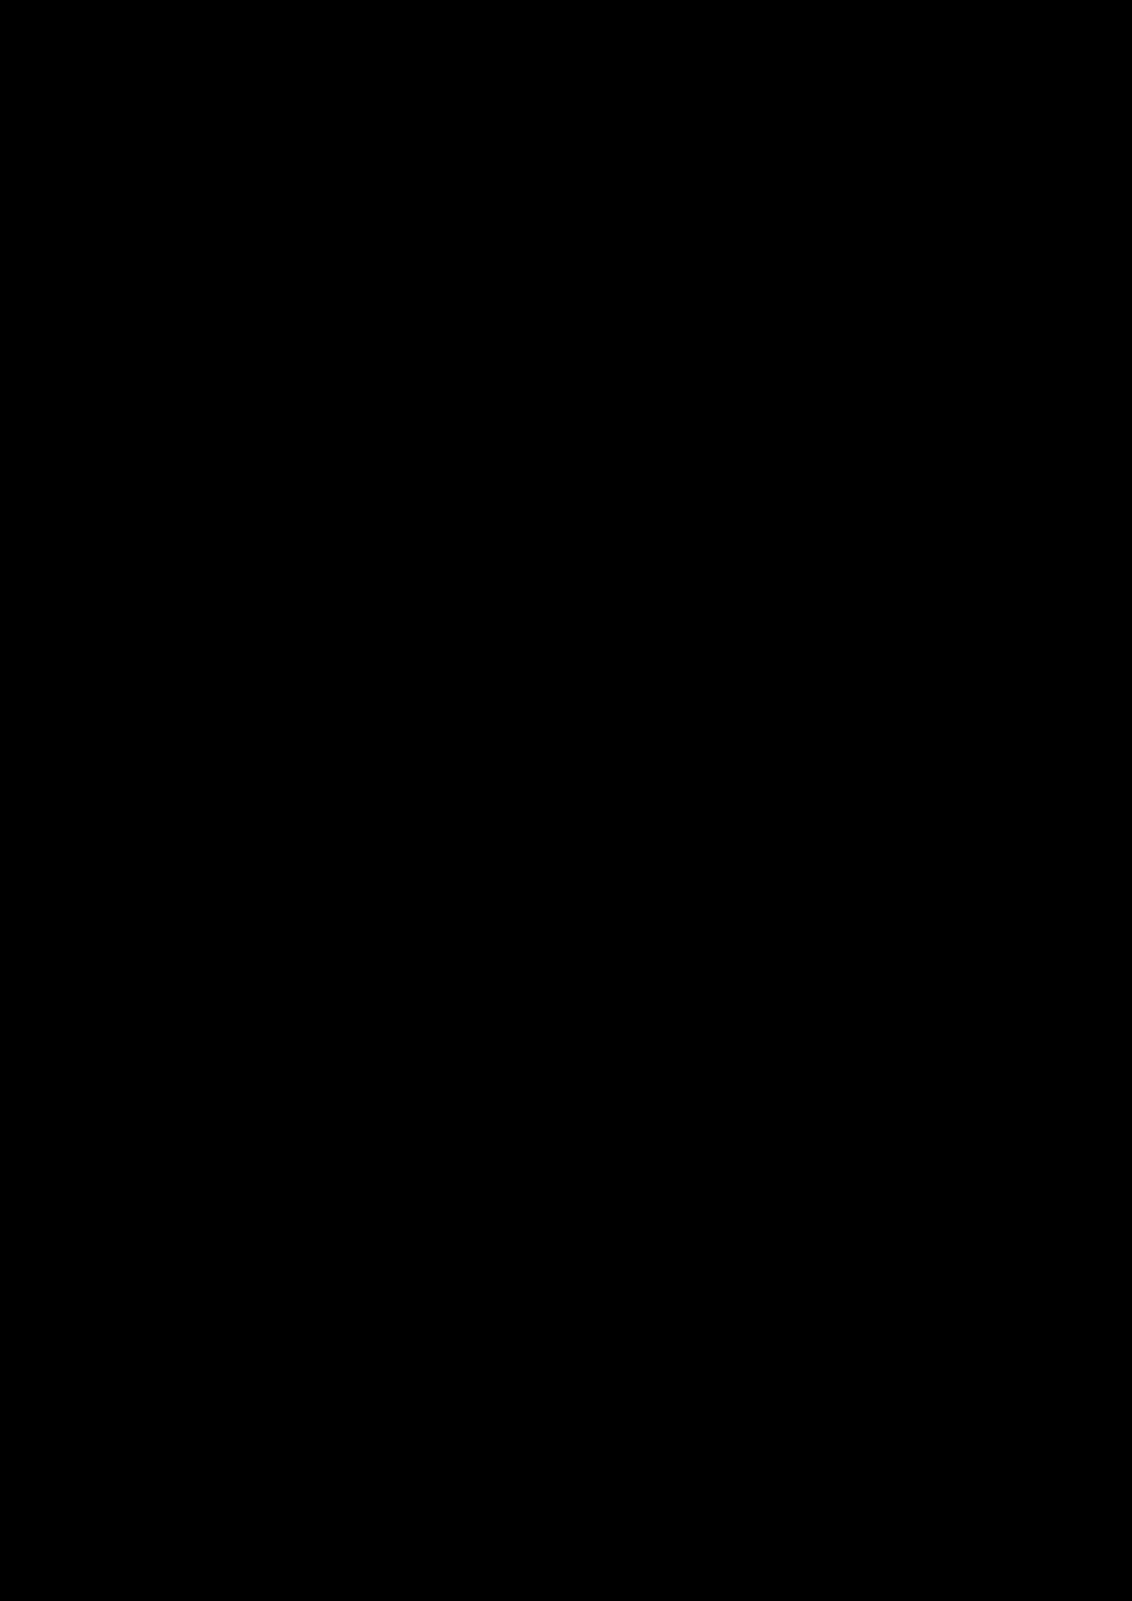 Zagadka volshebnoy stranyi slide, Image 88